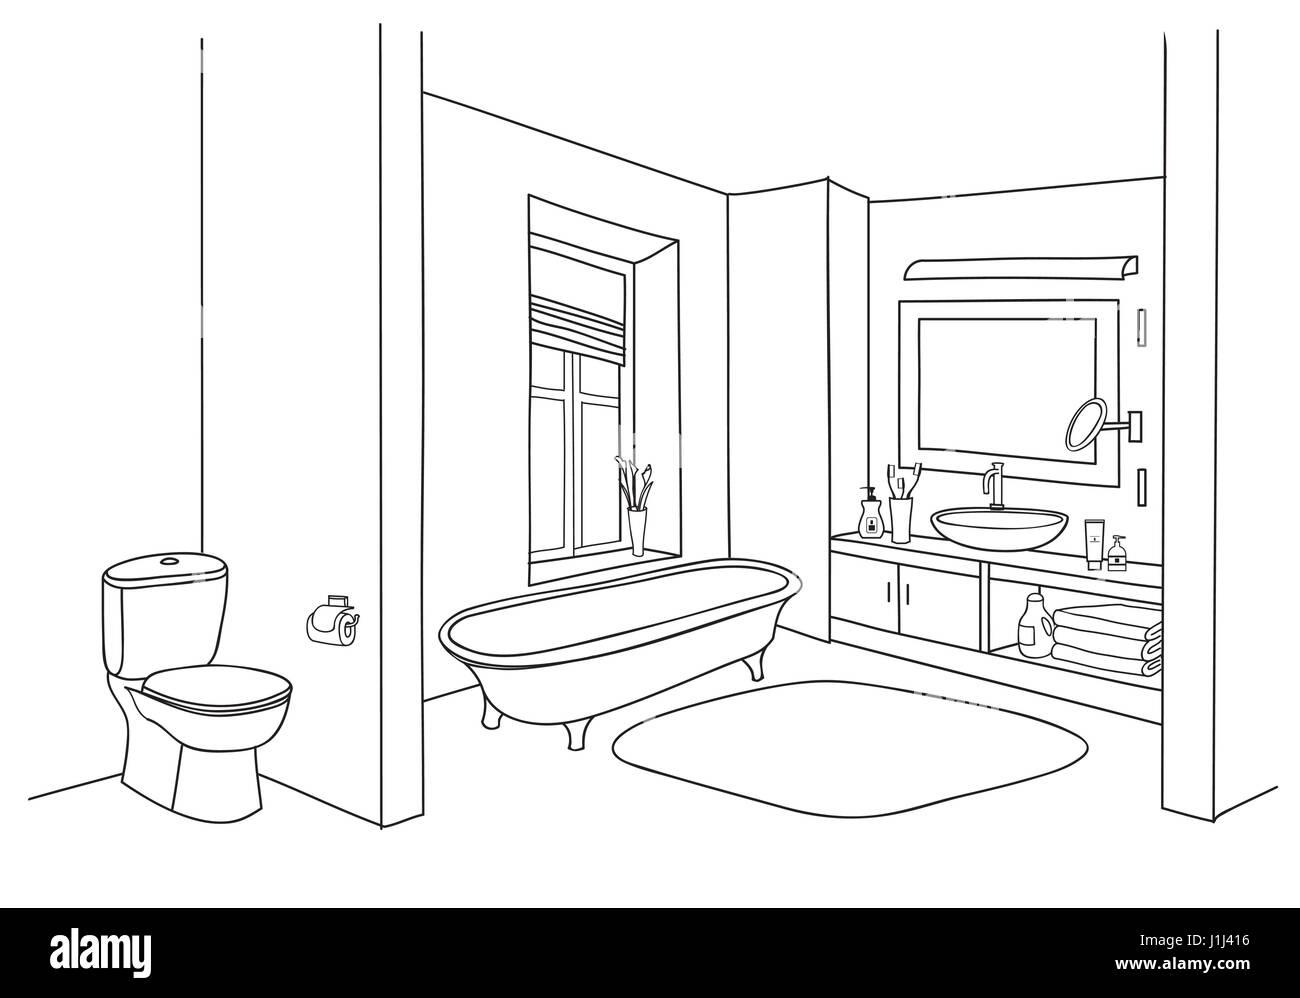 Bathroom Interior Sketch. Room View With Doodle Drawn